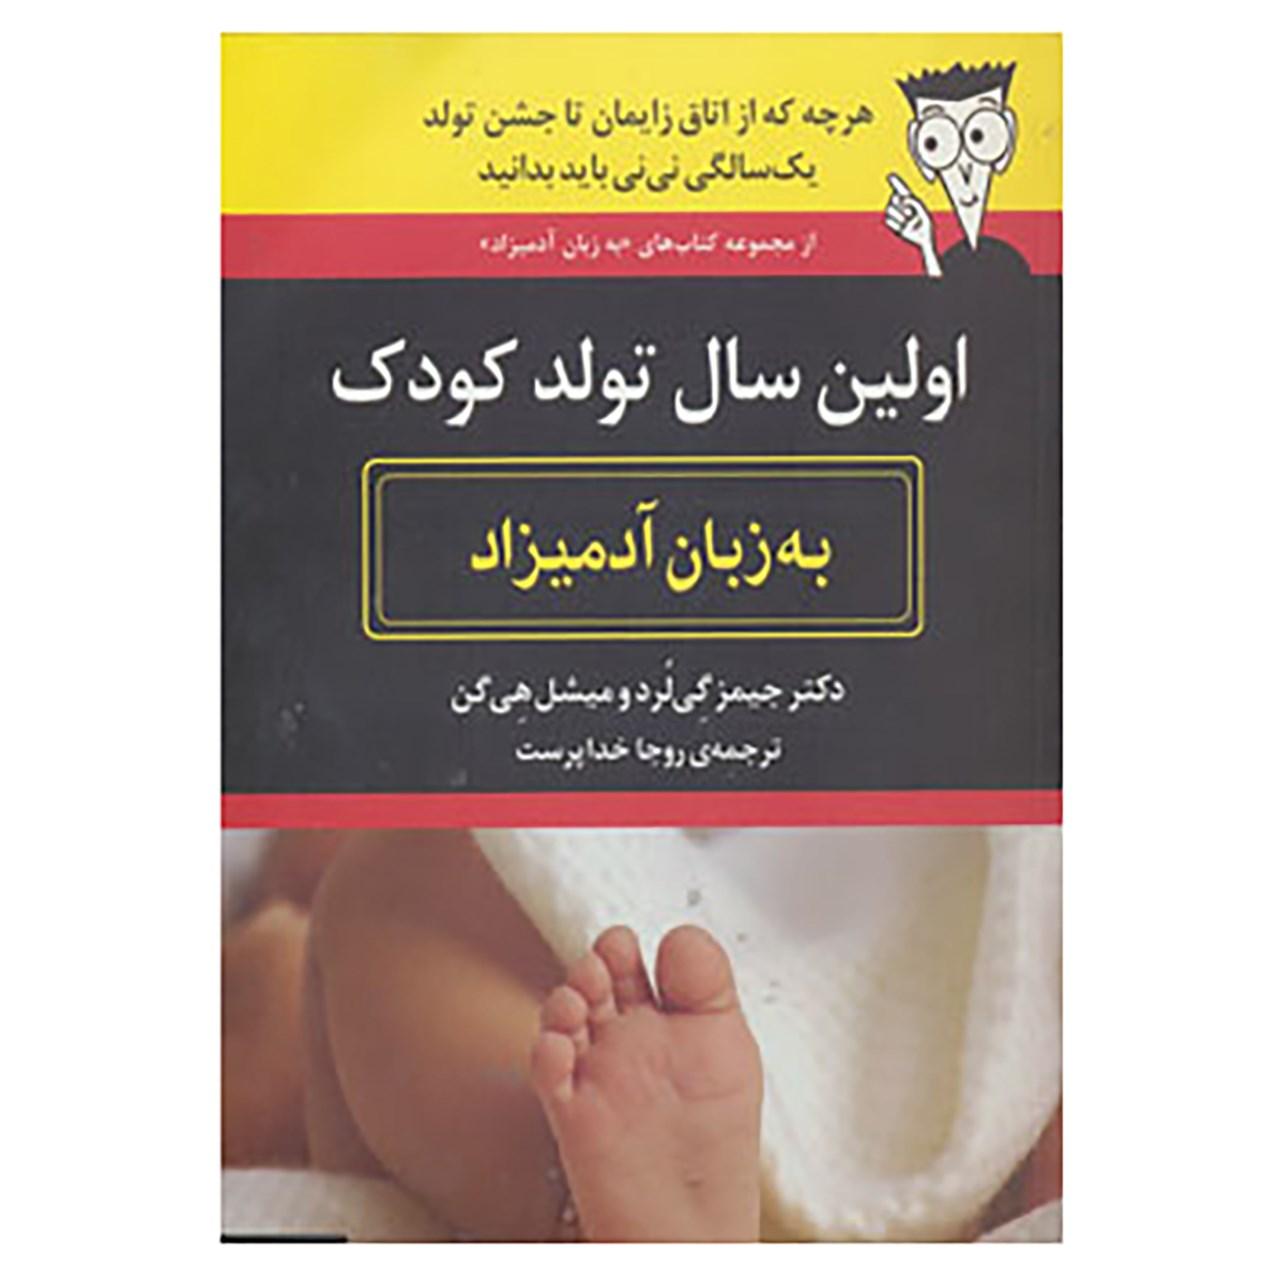 خرید                      کتاب اولین سال تولد کودک به زبان آدمیزاد اثر جیمز گی لرد،میشل هی گن